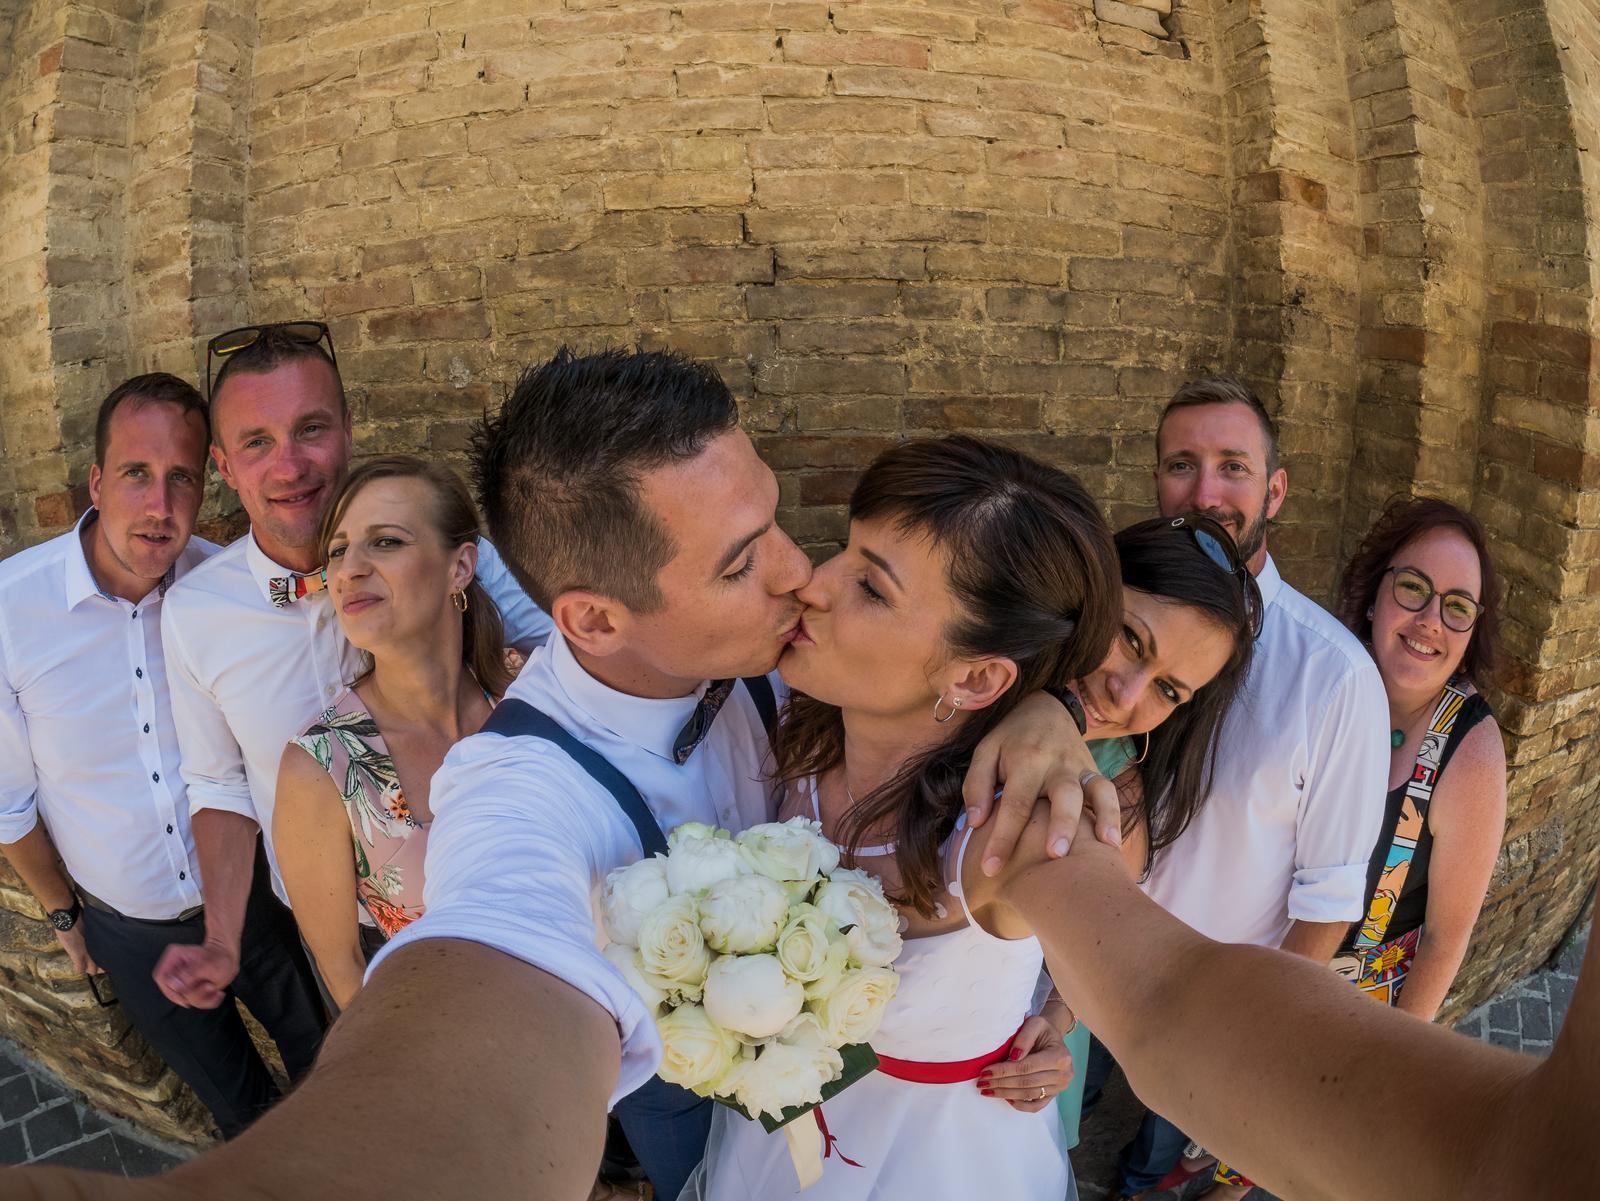 Svatby roku 2019 - Obrázek č. 4